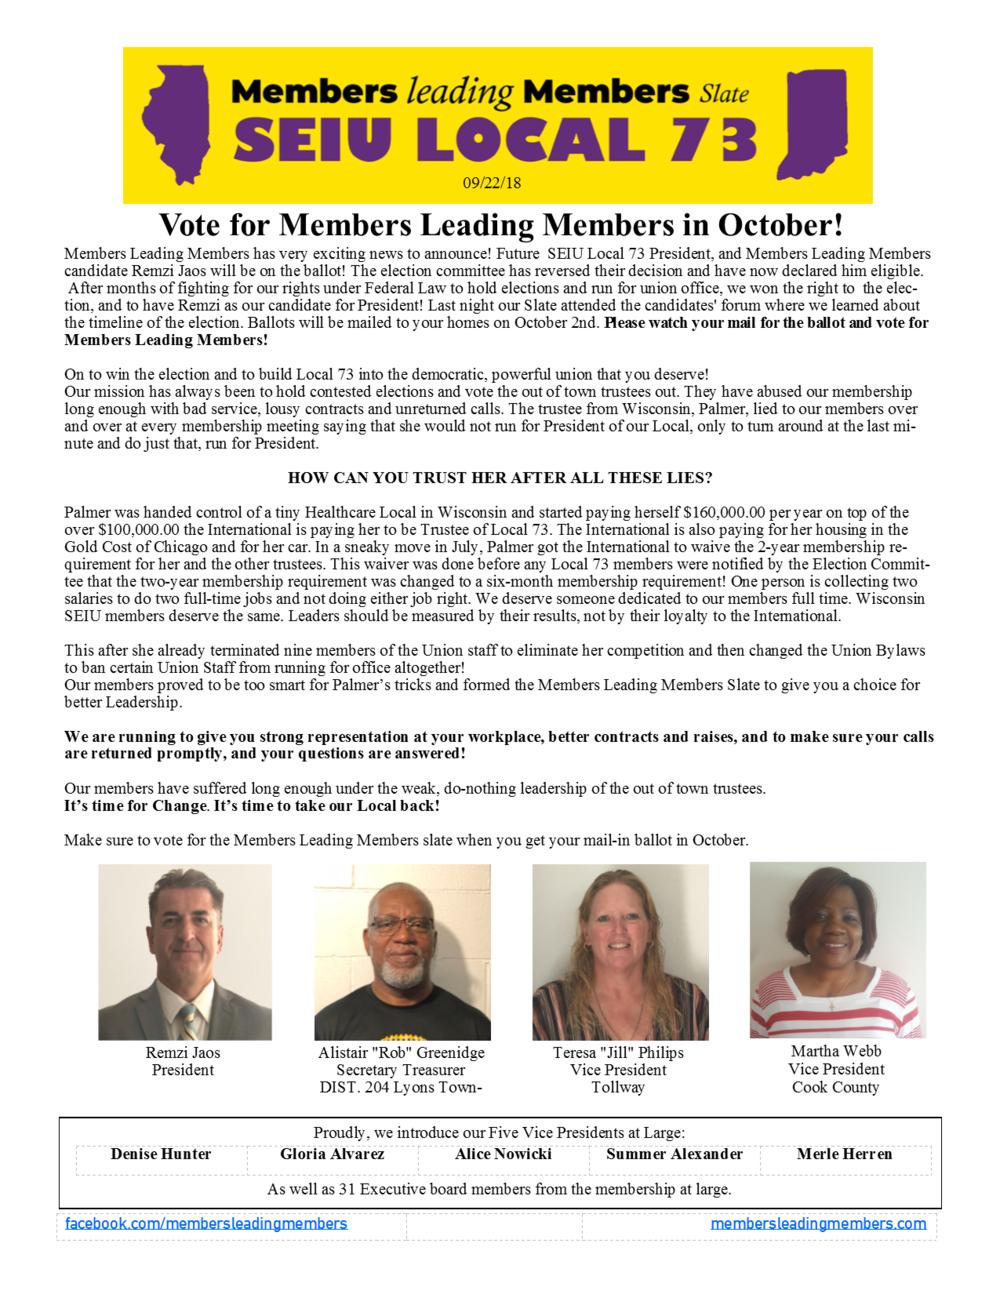 Members Leading Members Flier 09-22-18.png